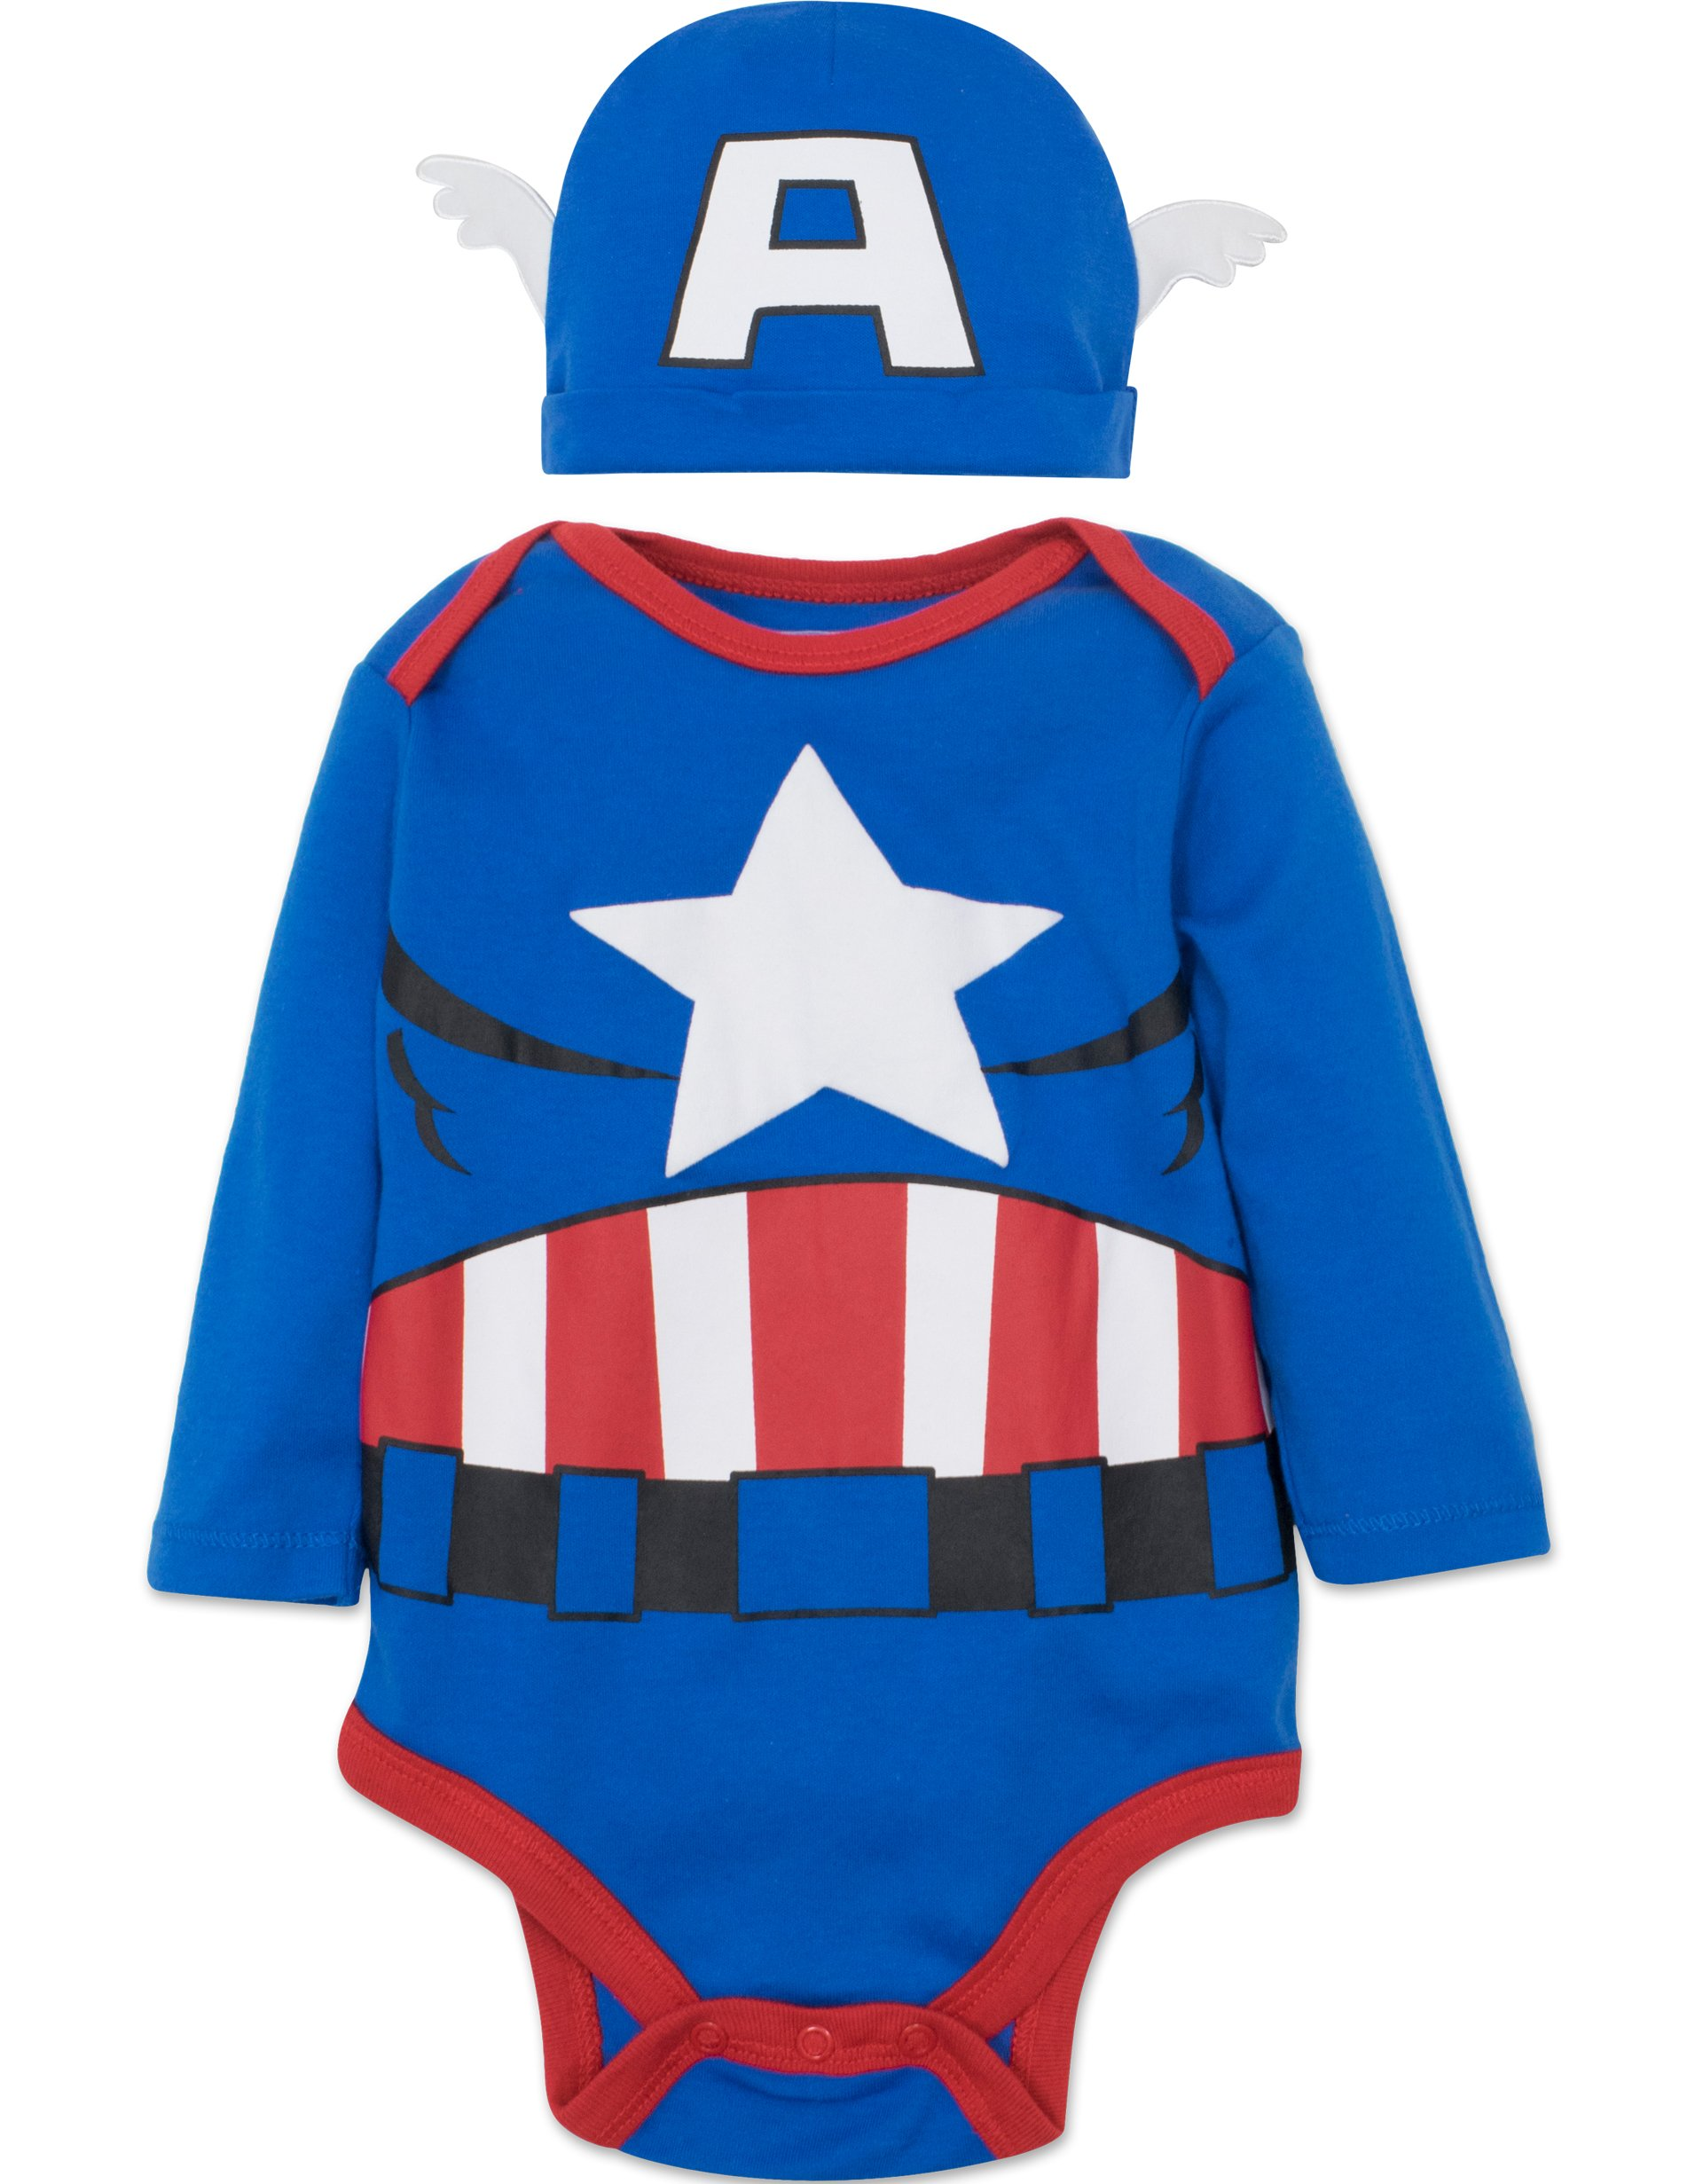 afd2e3e0dde Marvel Avengers Baby Boys  Bodysuit   Hat  Hulk Spiderman Thor Captain  America product image